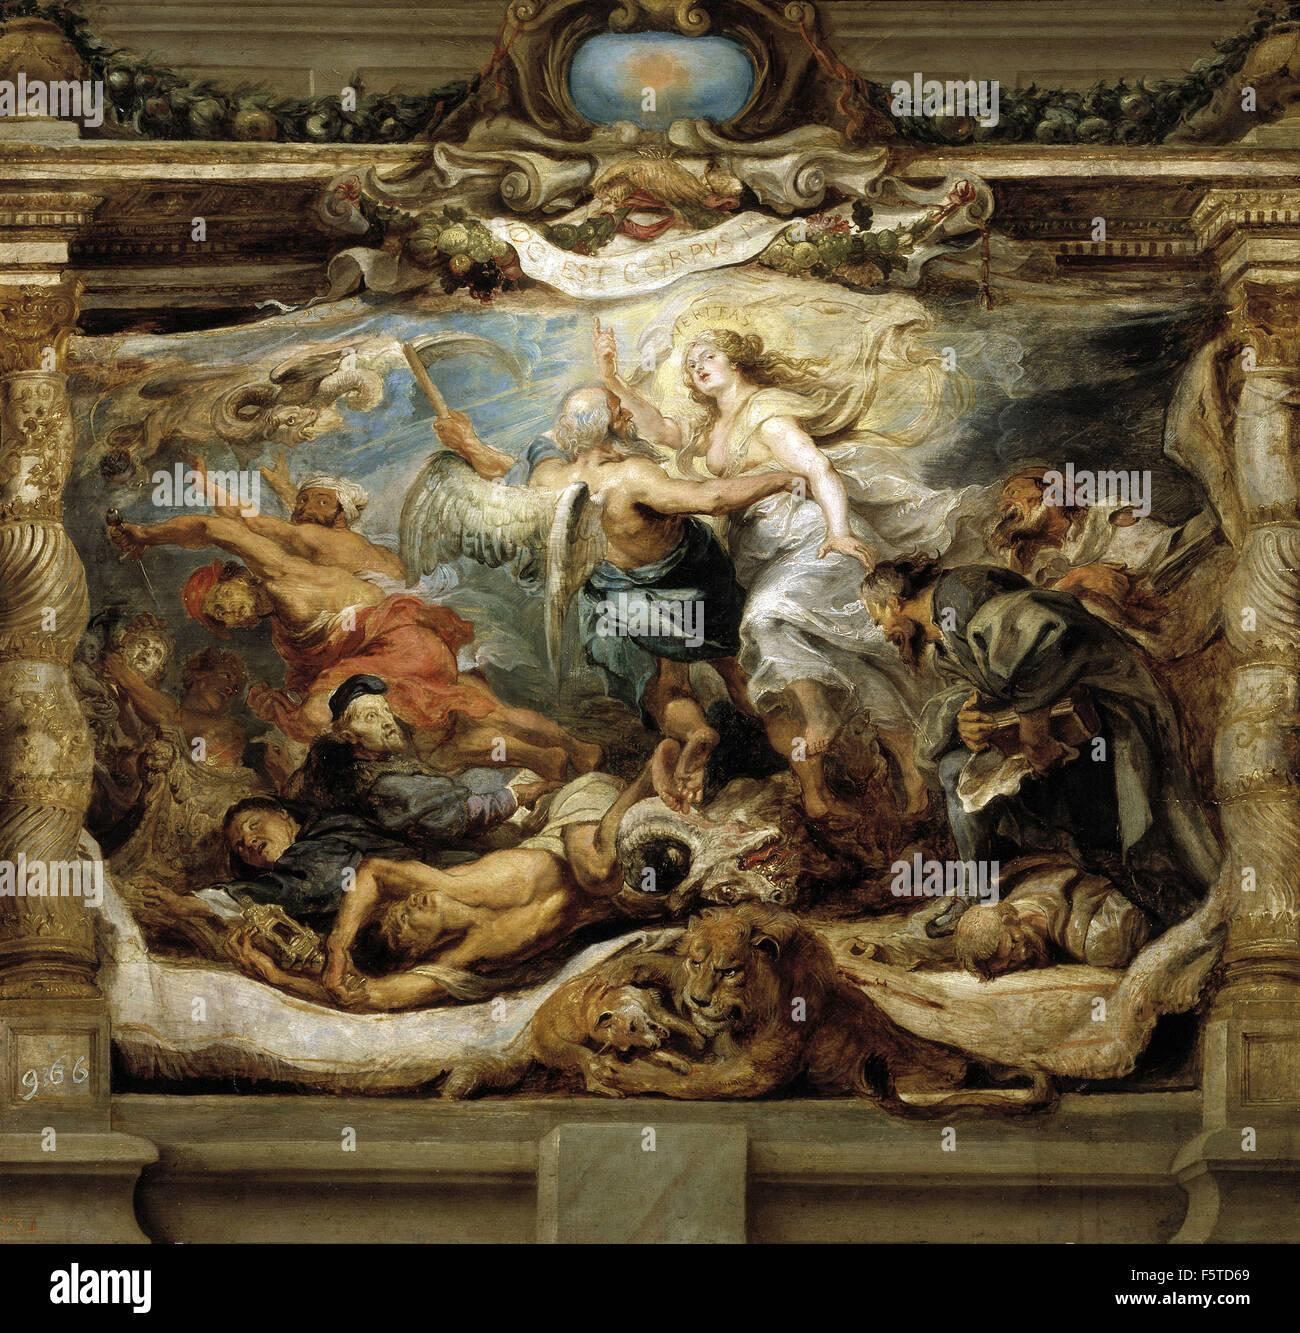 Peter Paul Rubens - La victoria de la Verdad sobre la Herejía - Stock Image